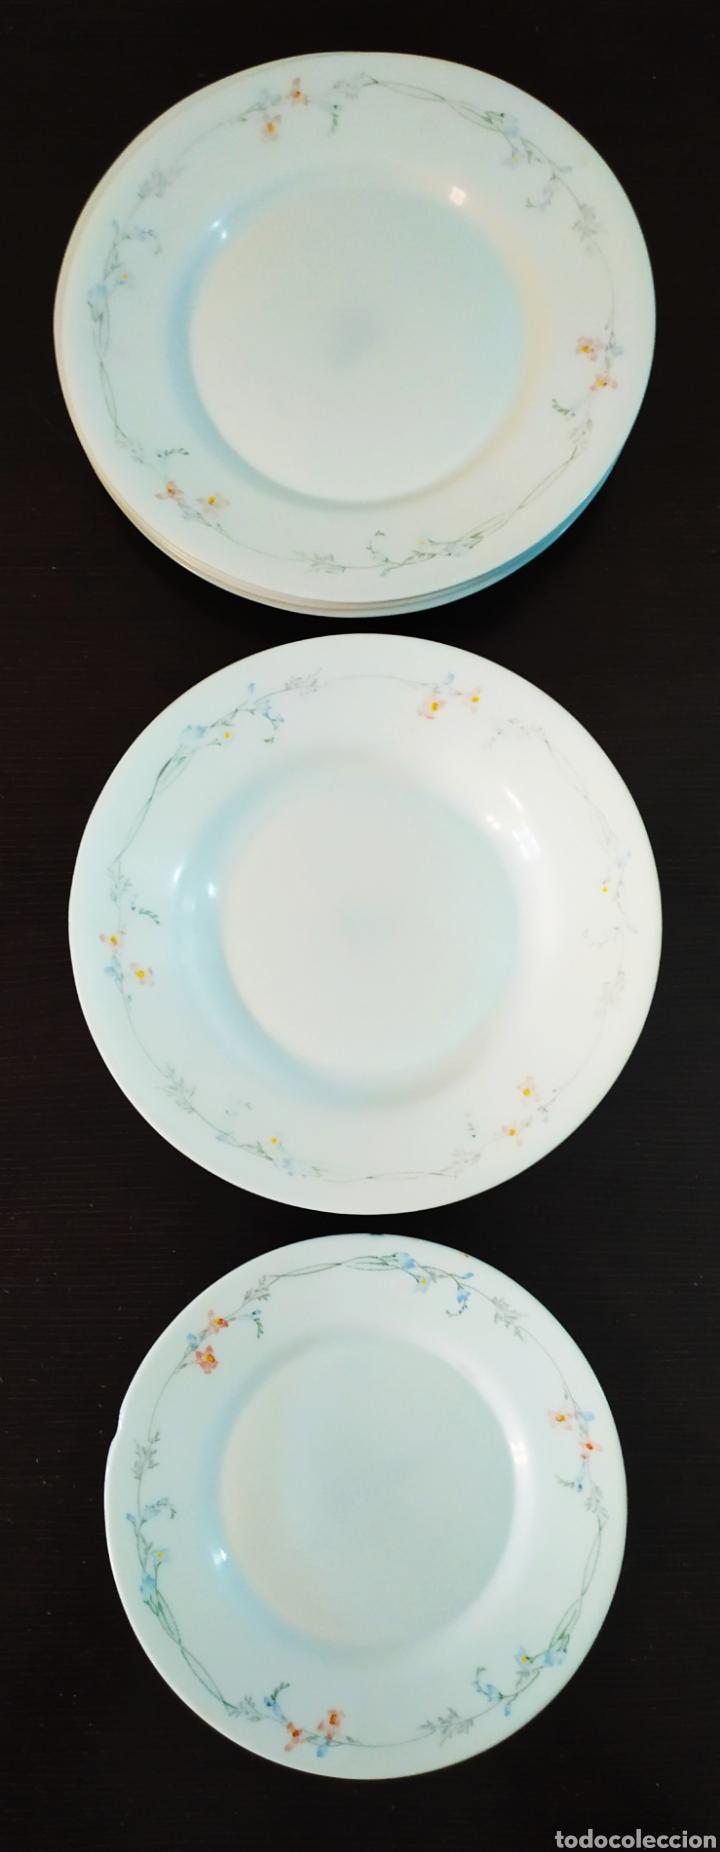 Antigüedades: ★7★ Platos Vajilla ARCOPAL de porcelana. Selladas. - Foto 2 - 240864120